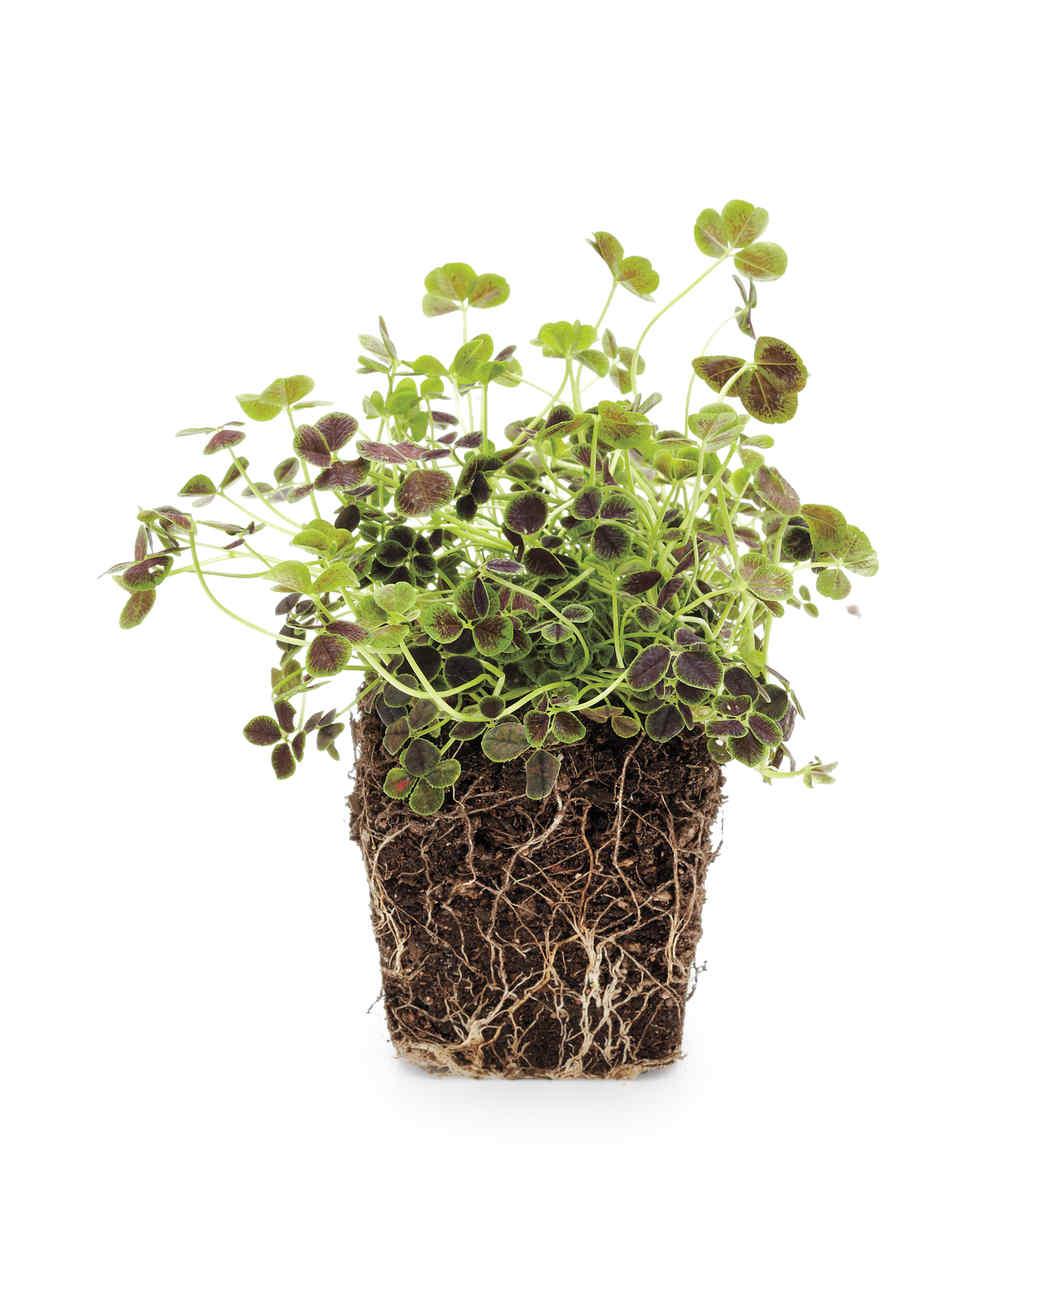 bronze-dutch-clover-mld108562.jpg